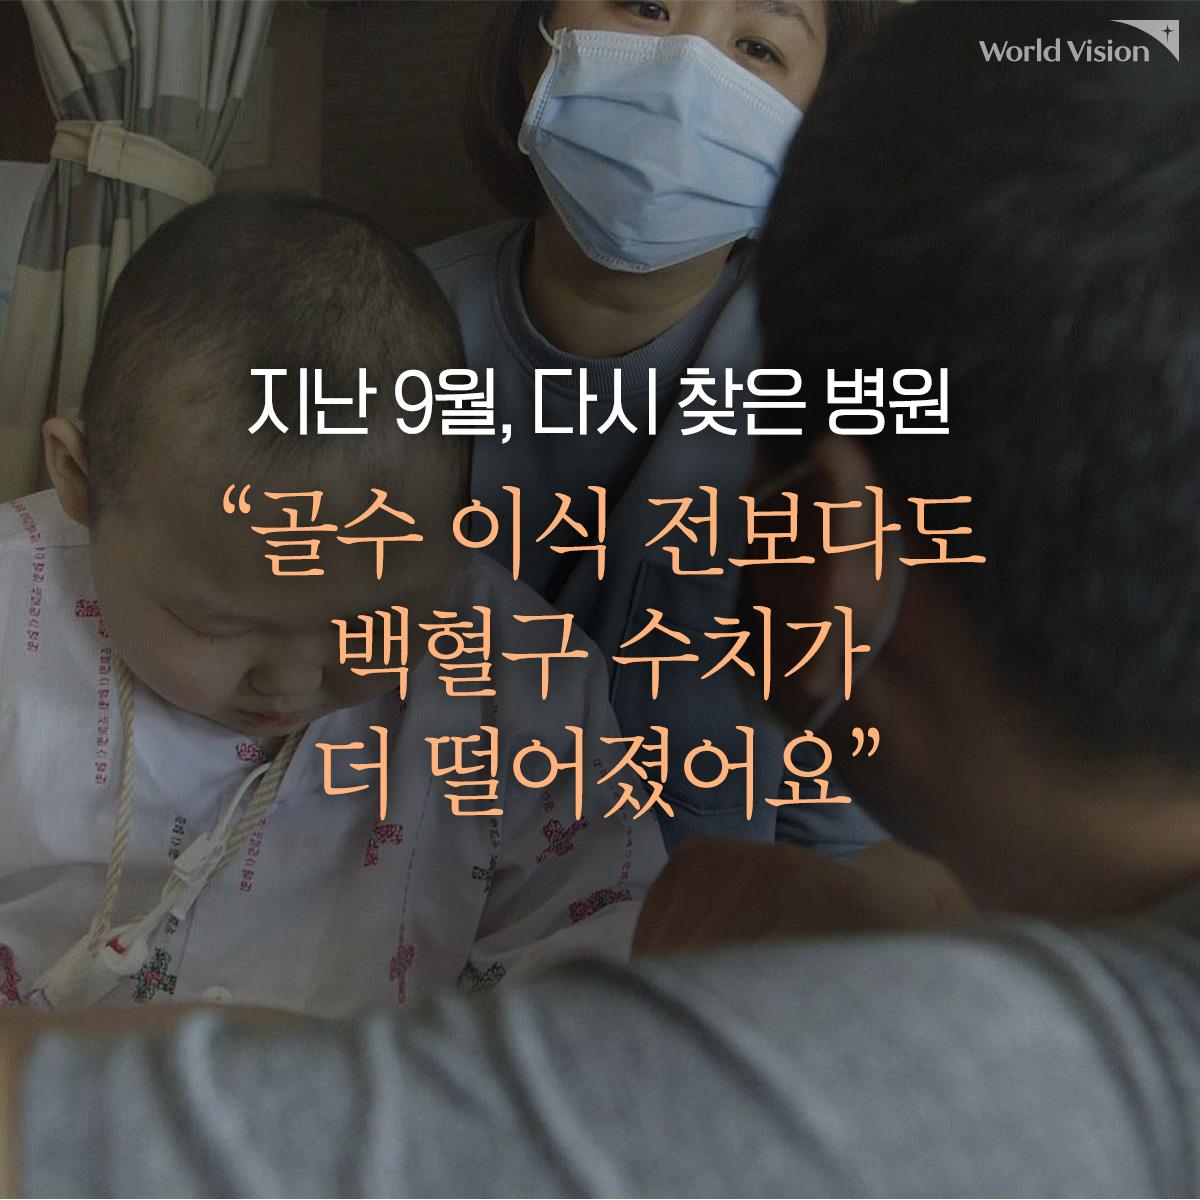 """지난 9월, 다시 찾은 병원 """"골수 이식 전보다도 백혈구 수치가 더 떨어졌어요"""""""